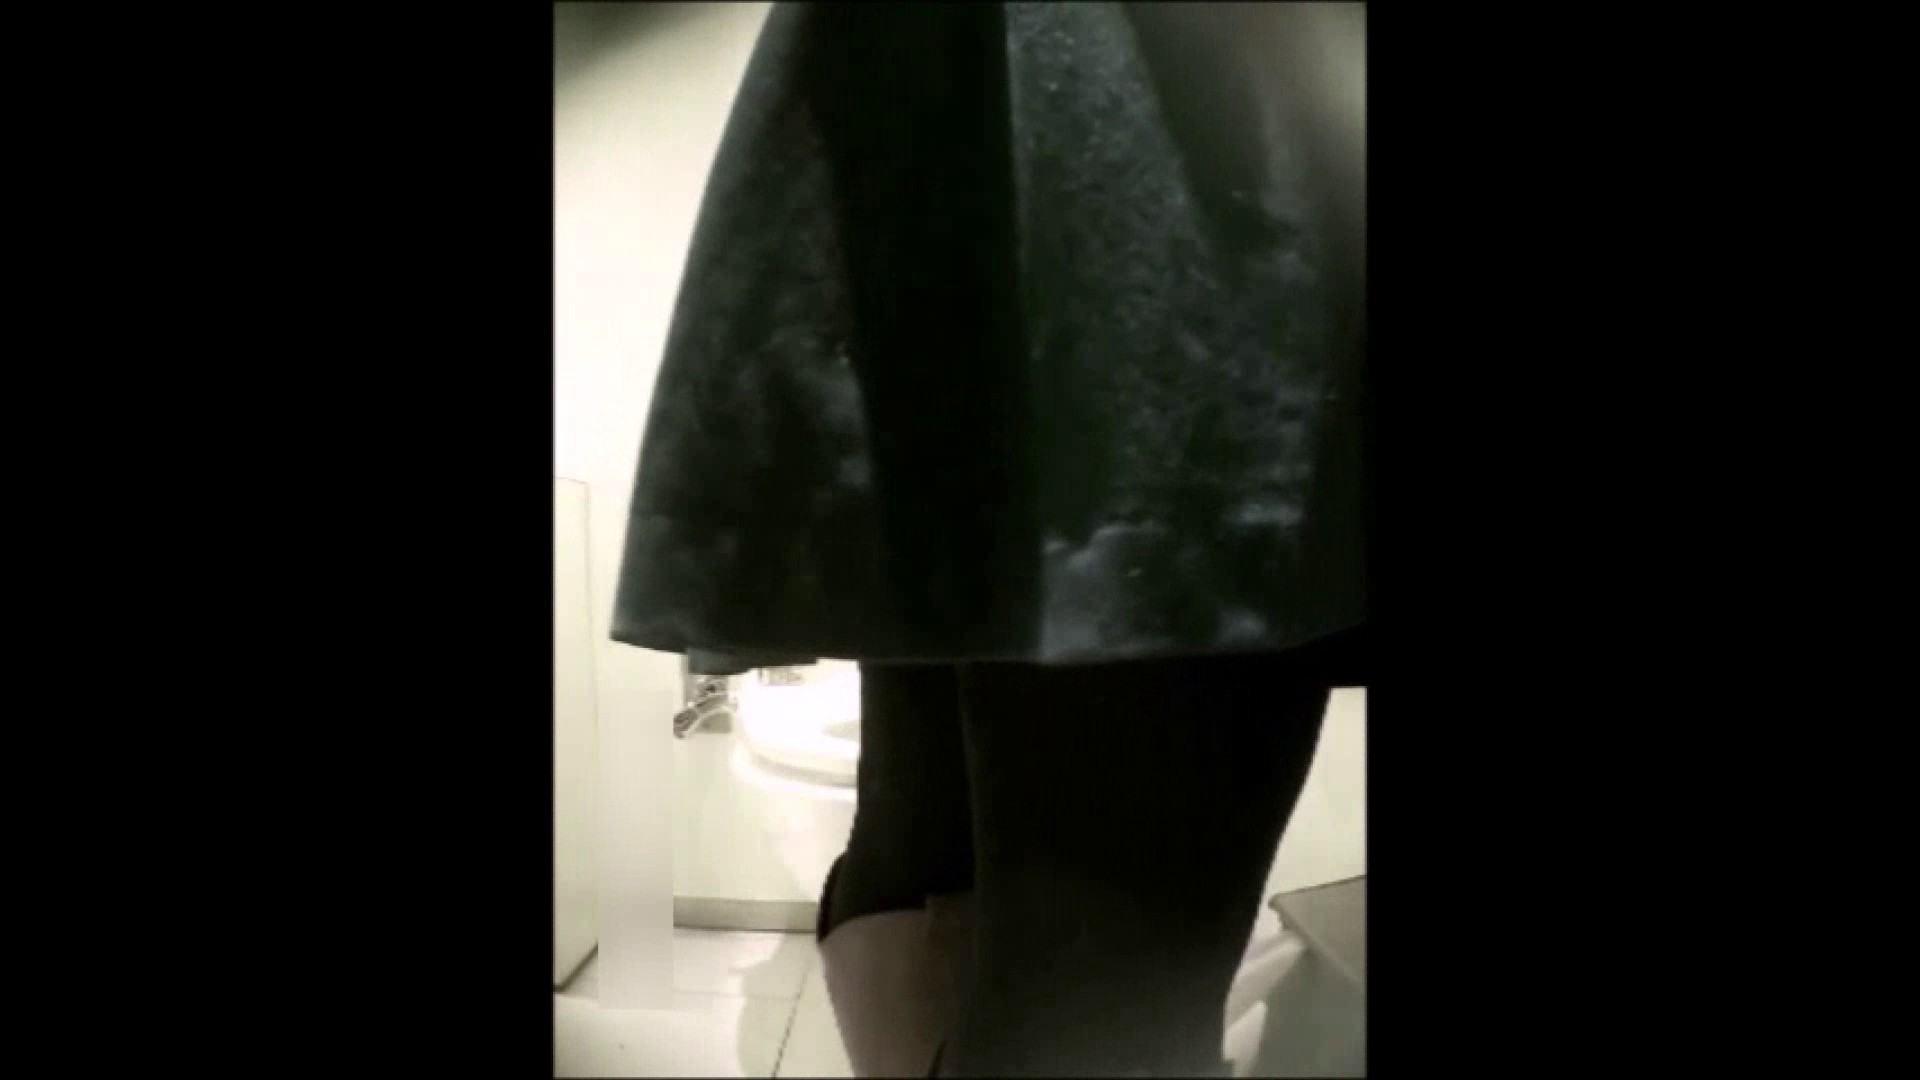 洗面所盗撮~隣の美人お姉さんVol.16 ギャルエロ画像 ワレメ無修正動画無料 102PICs 66